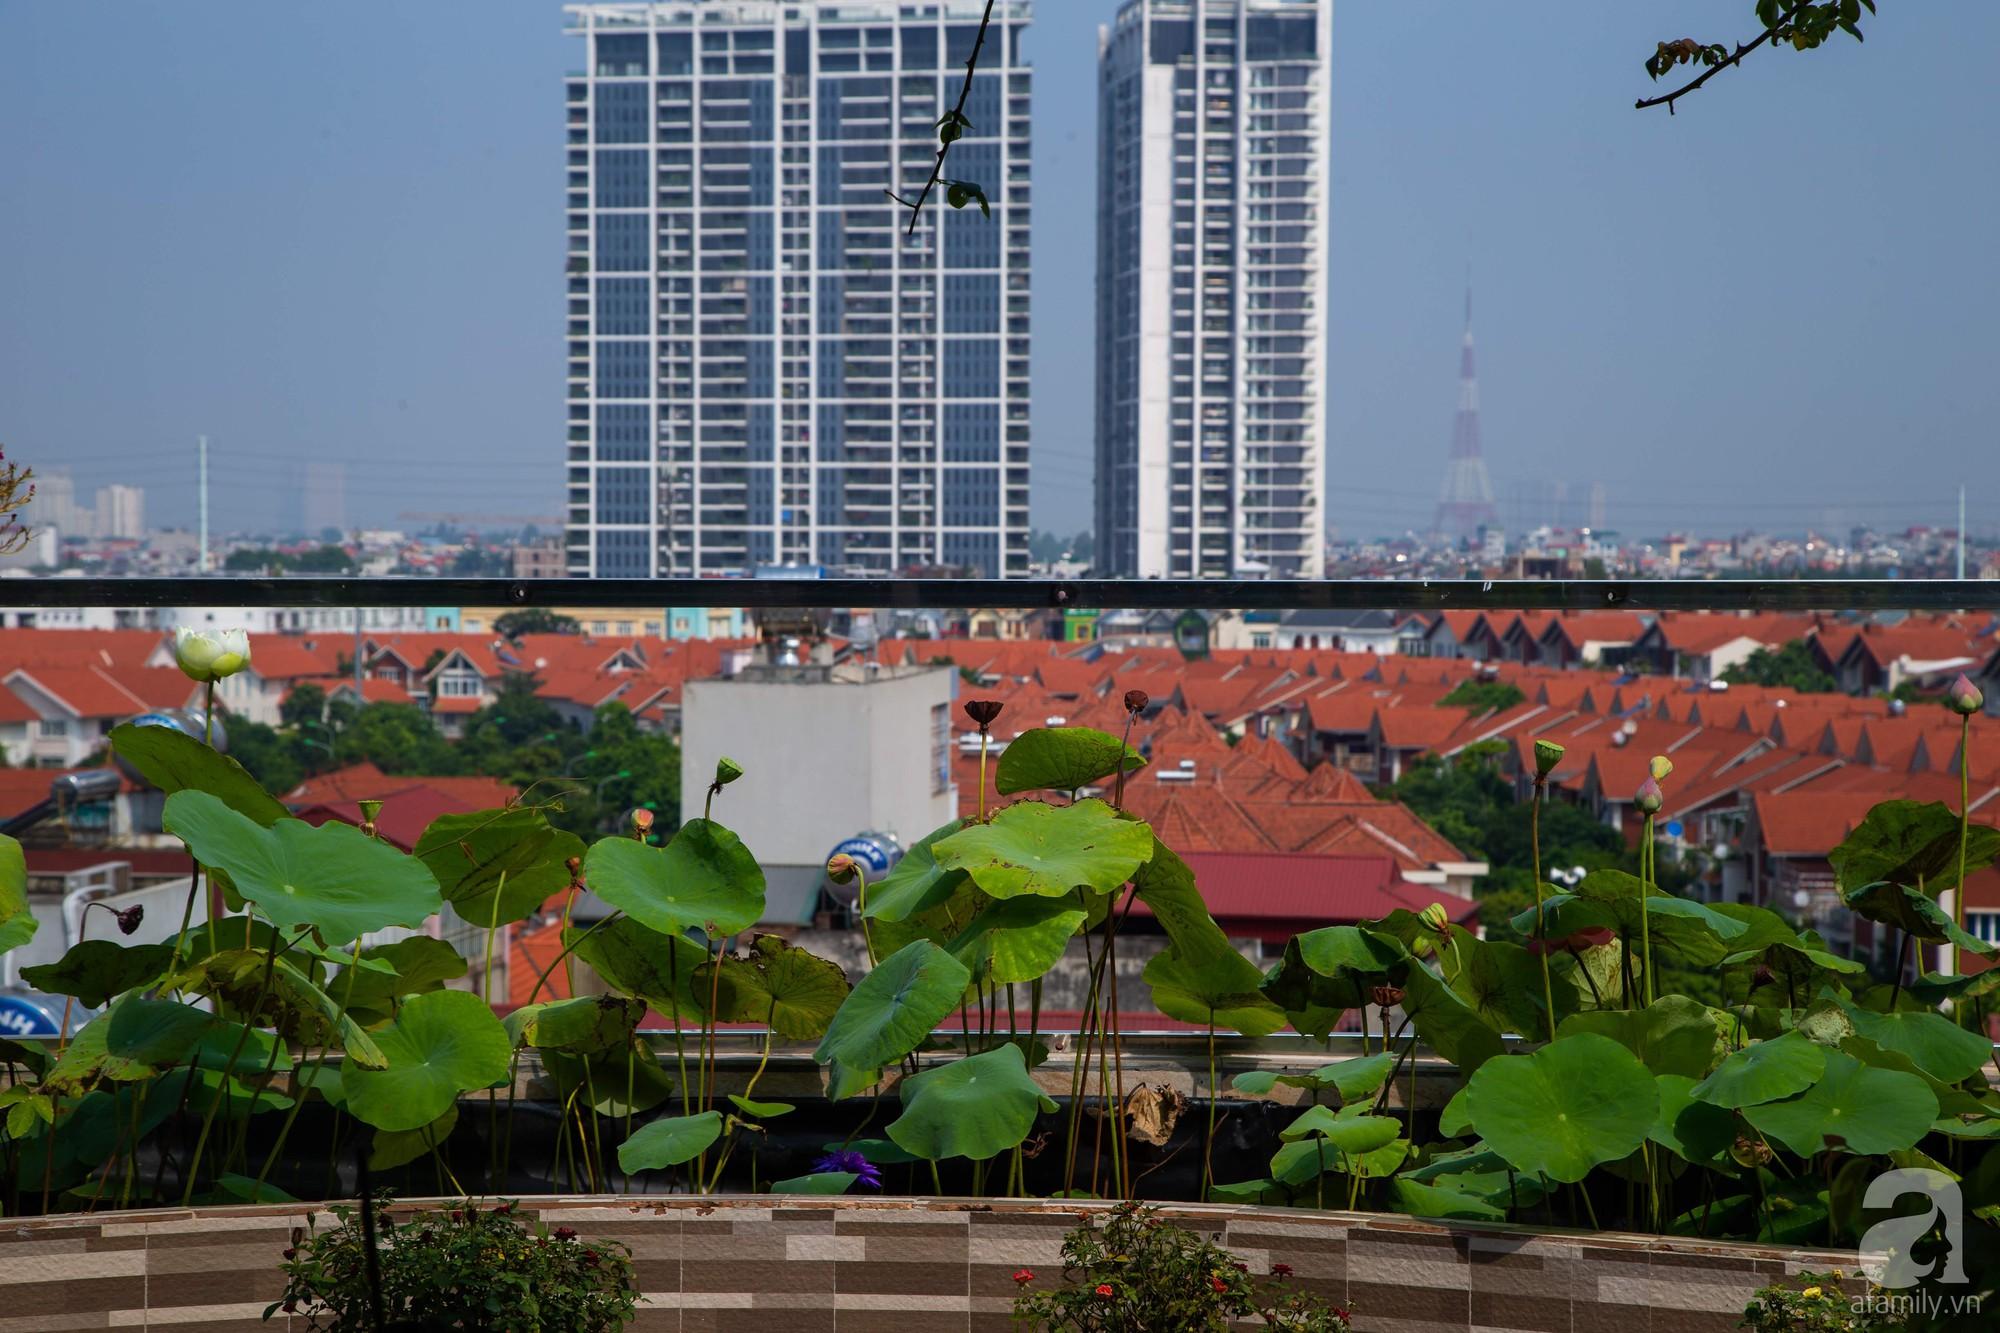 Khu vườn trên sân thượng rộng 200m² đẹp ngỡ ngàng với trăm loài hoa đua nhau khoe sắc ở Hà Nội - 13